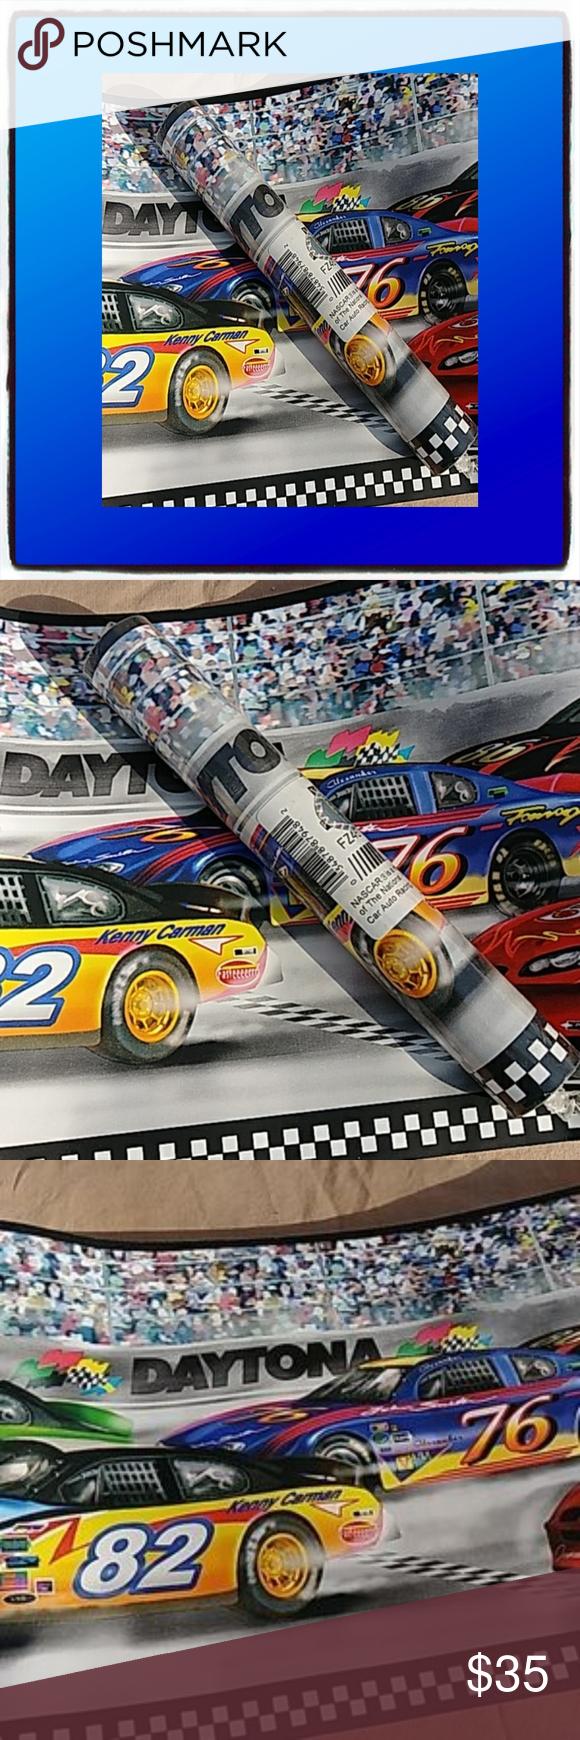 Nascar Daytona Racing Prepasted Wall Border Roll Wall Art Wallpaper Nascar Daytona Art Wallpaper